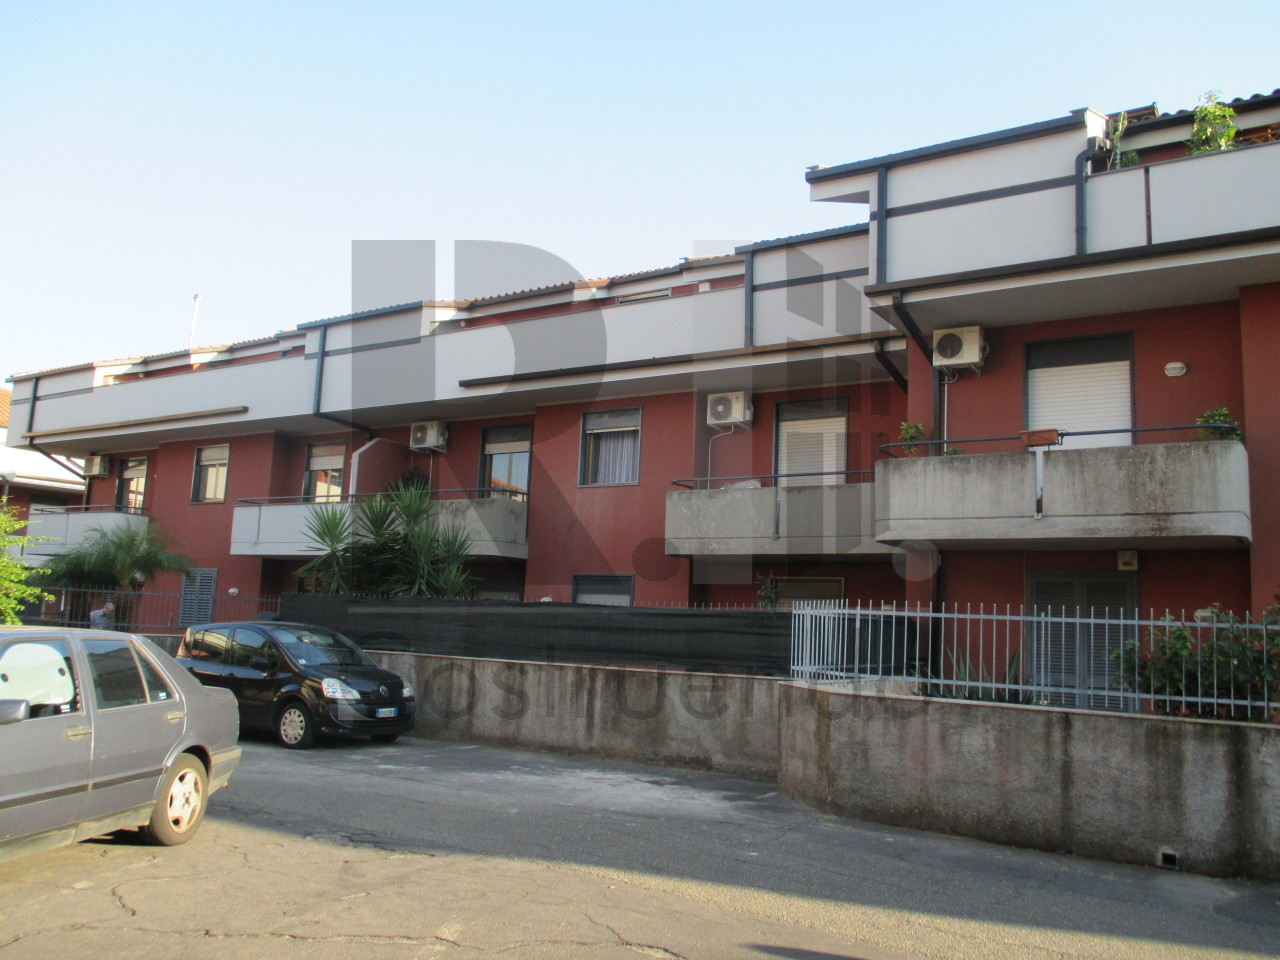 Appartamento - Attico a Via della regione, San Giovanni la Punta